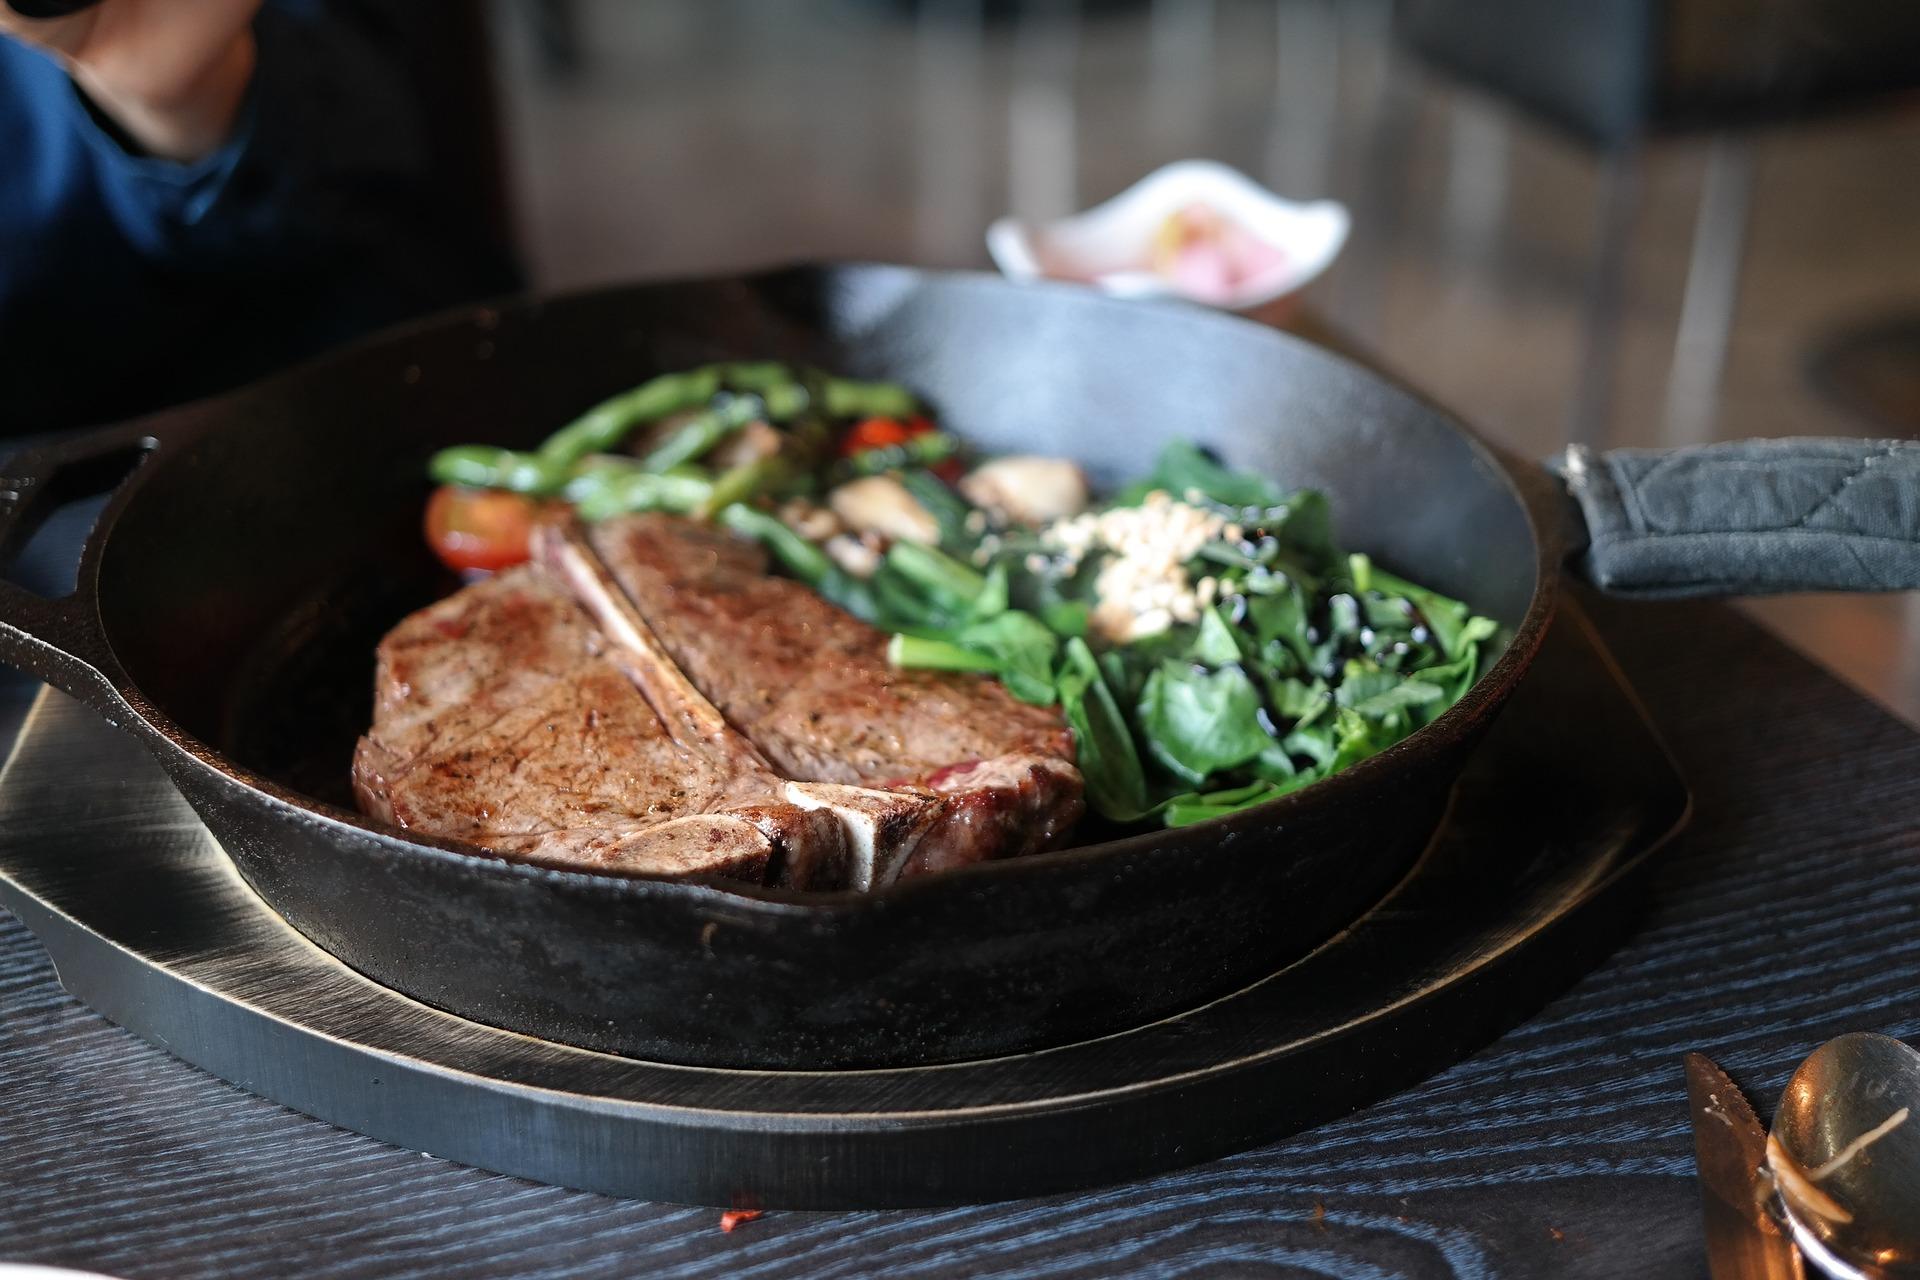 サーロインステーキはダイエット中に食べていい?ステーキの部位別カロリー